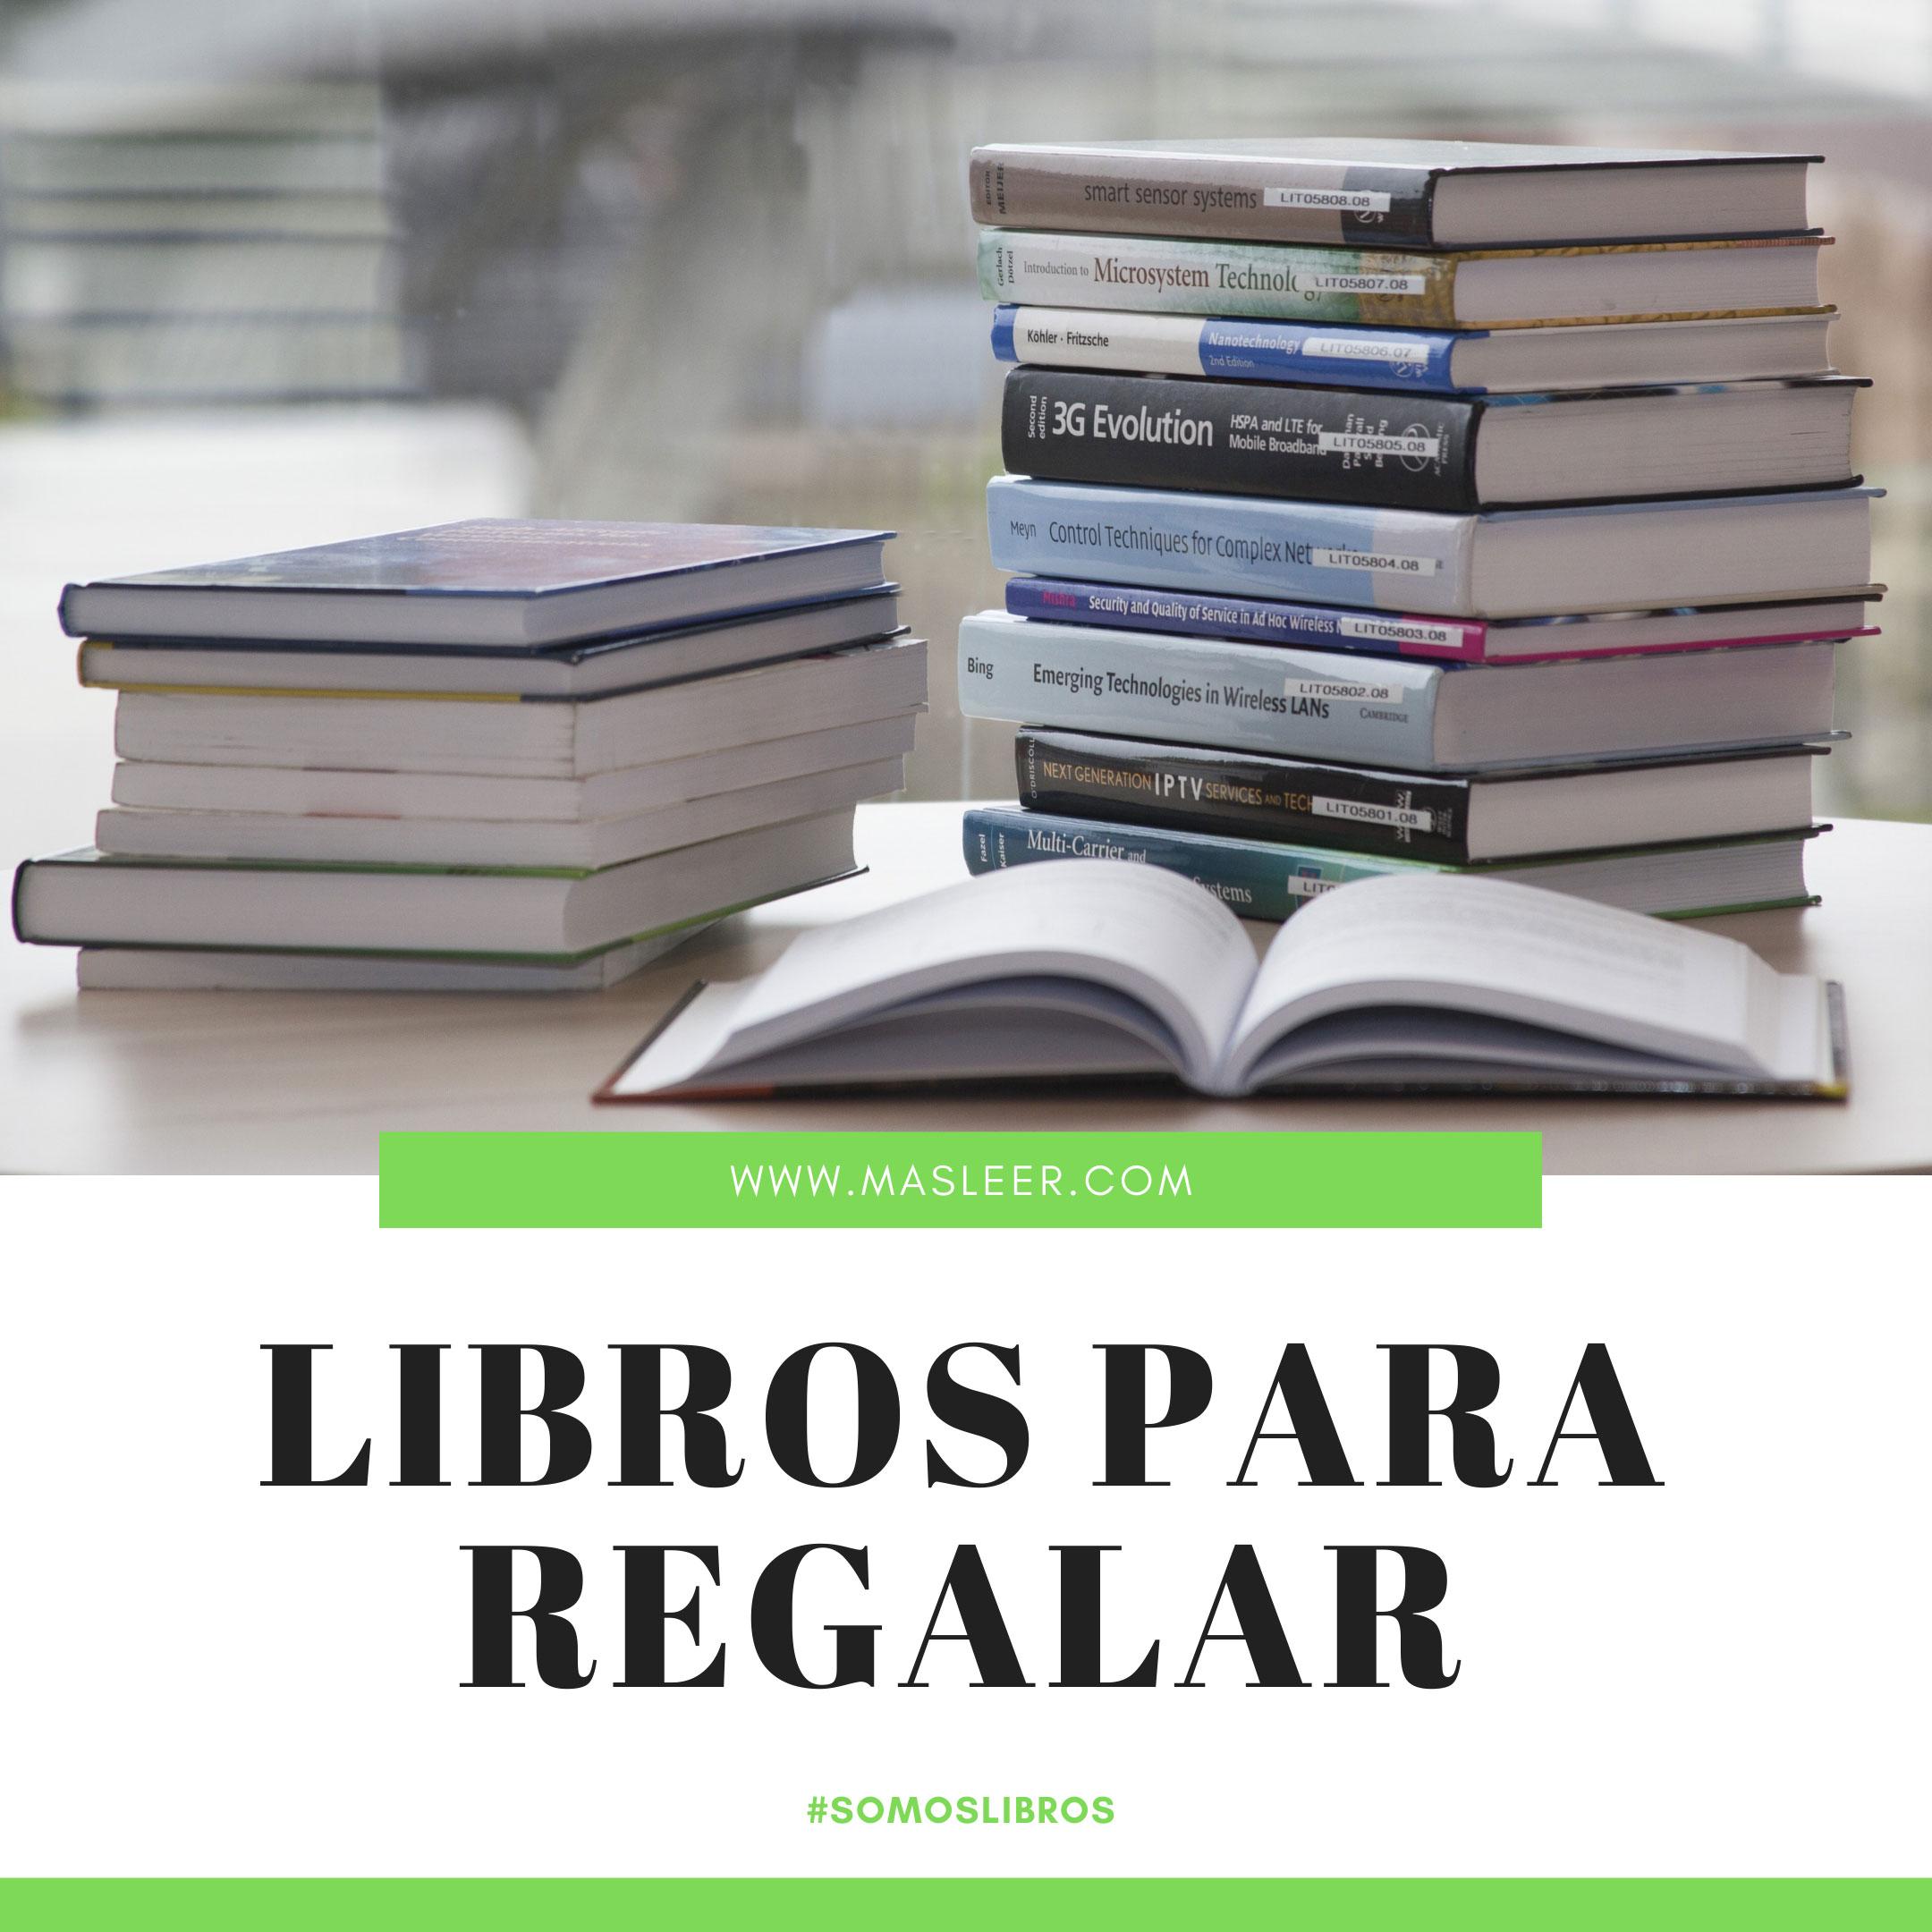 algunos-de-los-mejores-libros-para-regalar-a-personas-que-leen-mucho